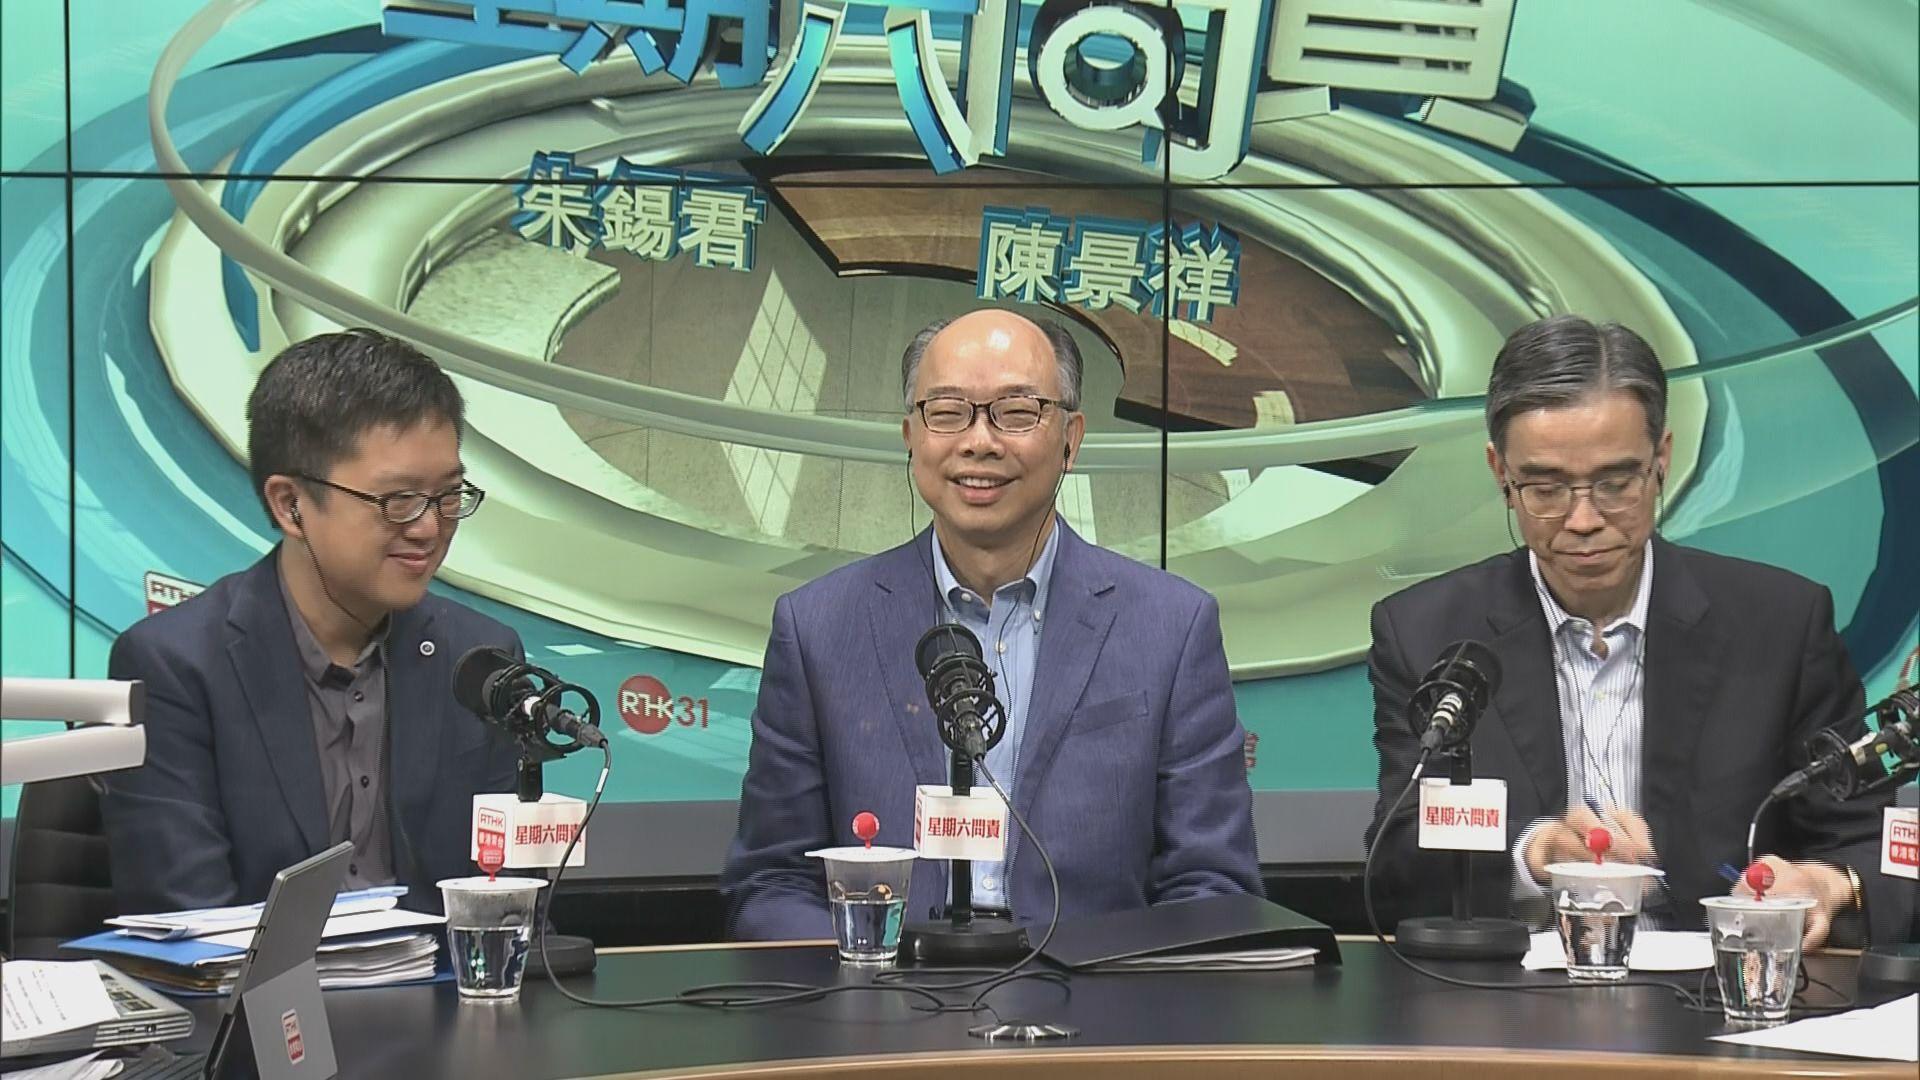 陳帆:高鐵營運協議僅十年是較穩妥做法